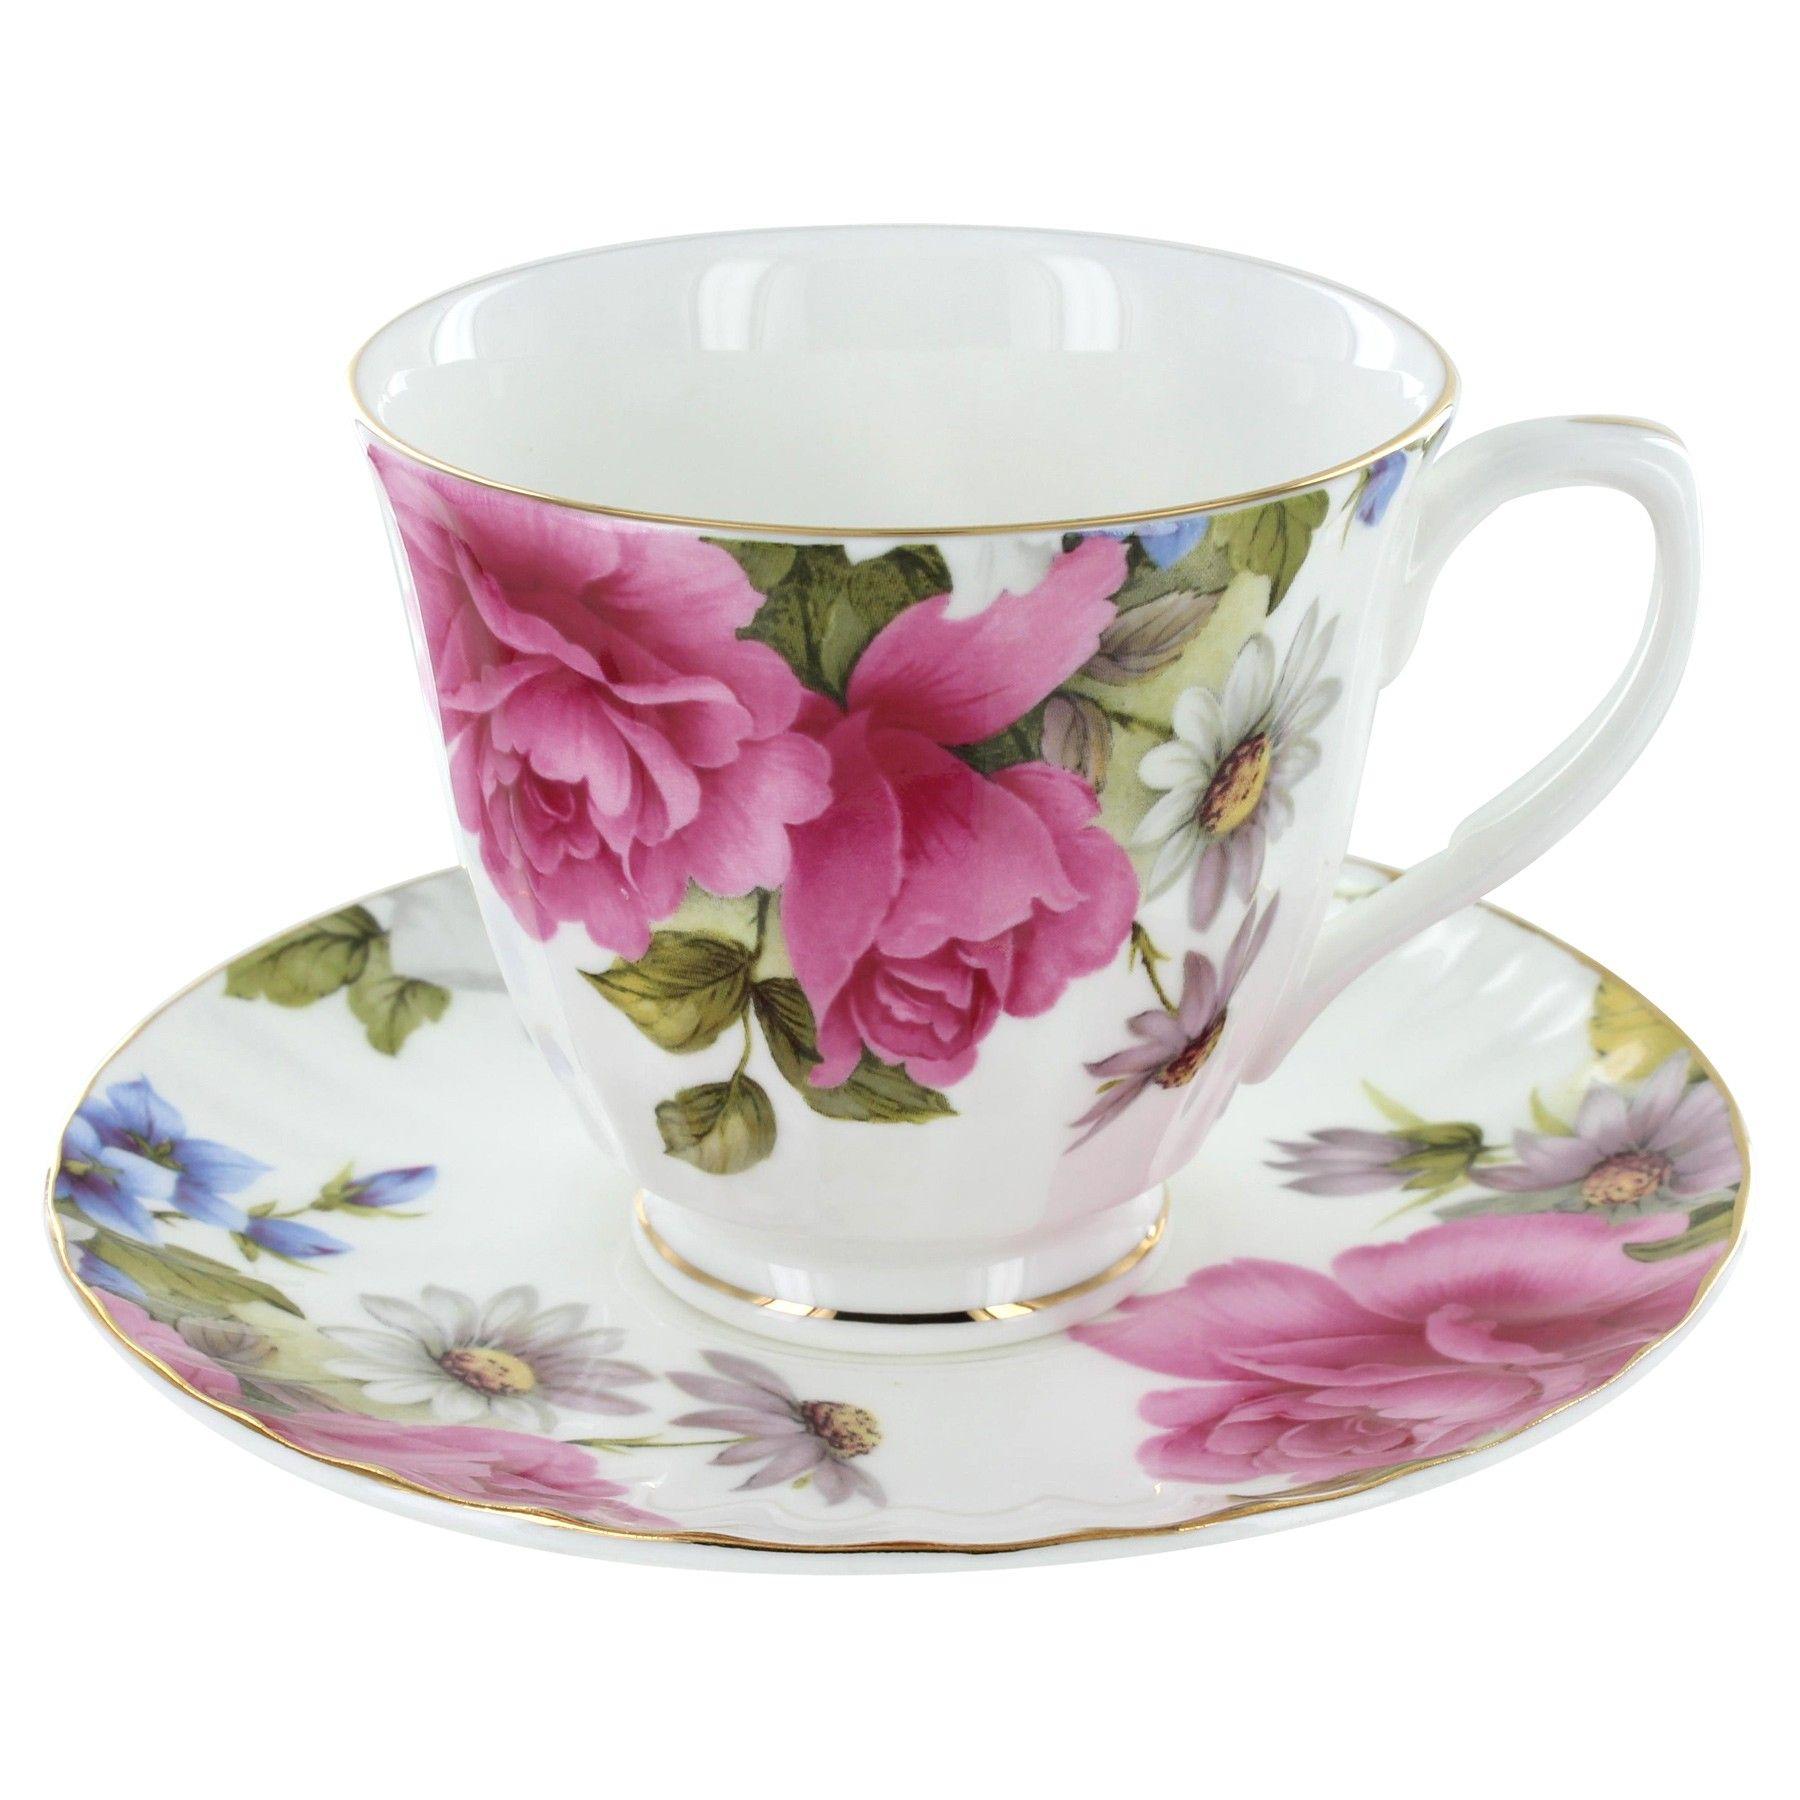 grace's rose bone china  cup and saucer  oz  tea cup teas  - grace's rose bone china  cup and saucer  oz